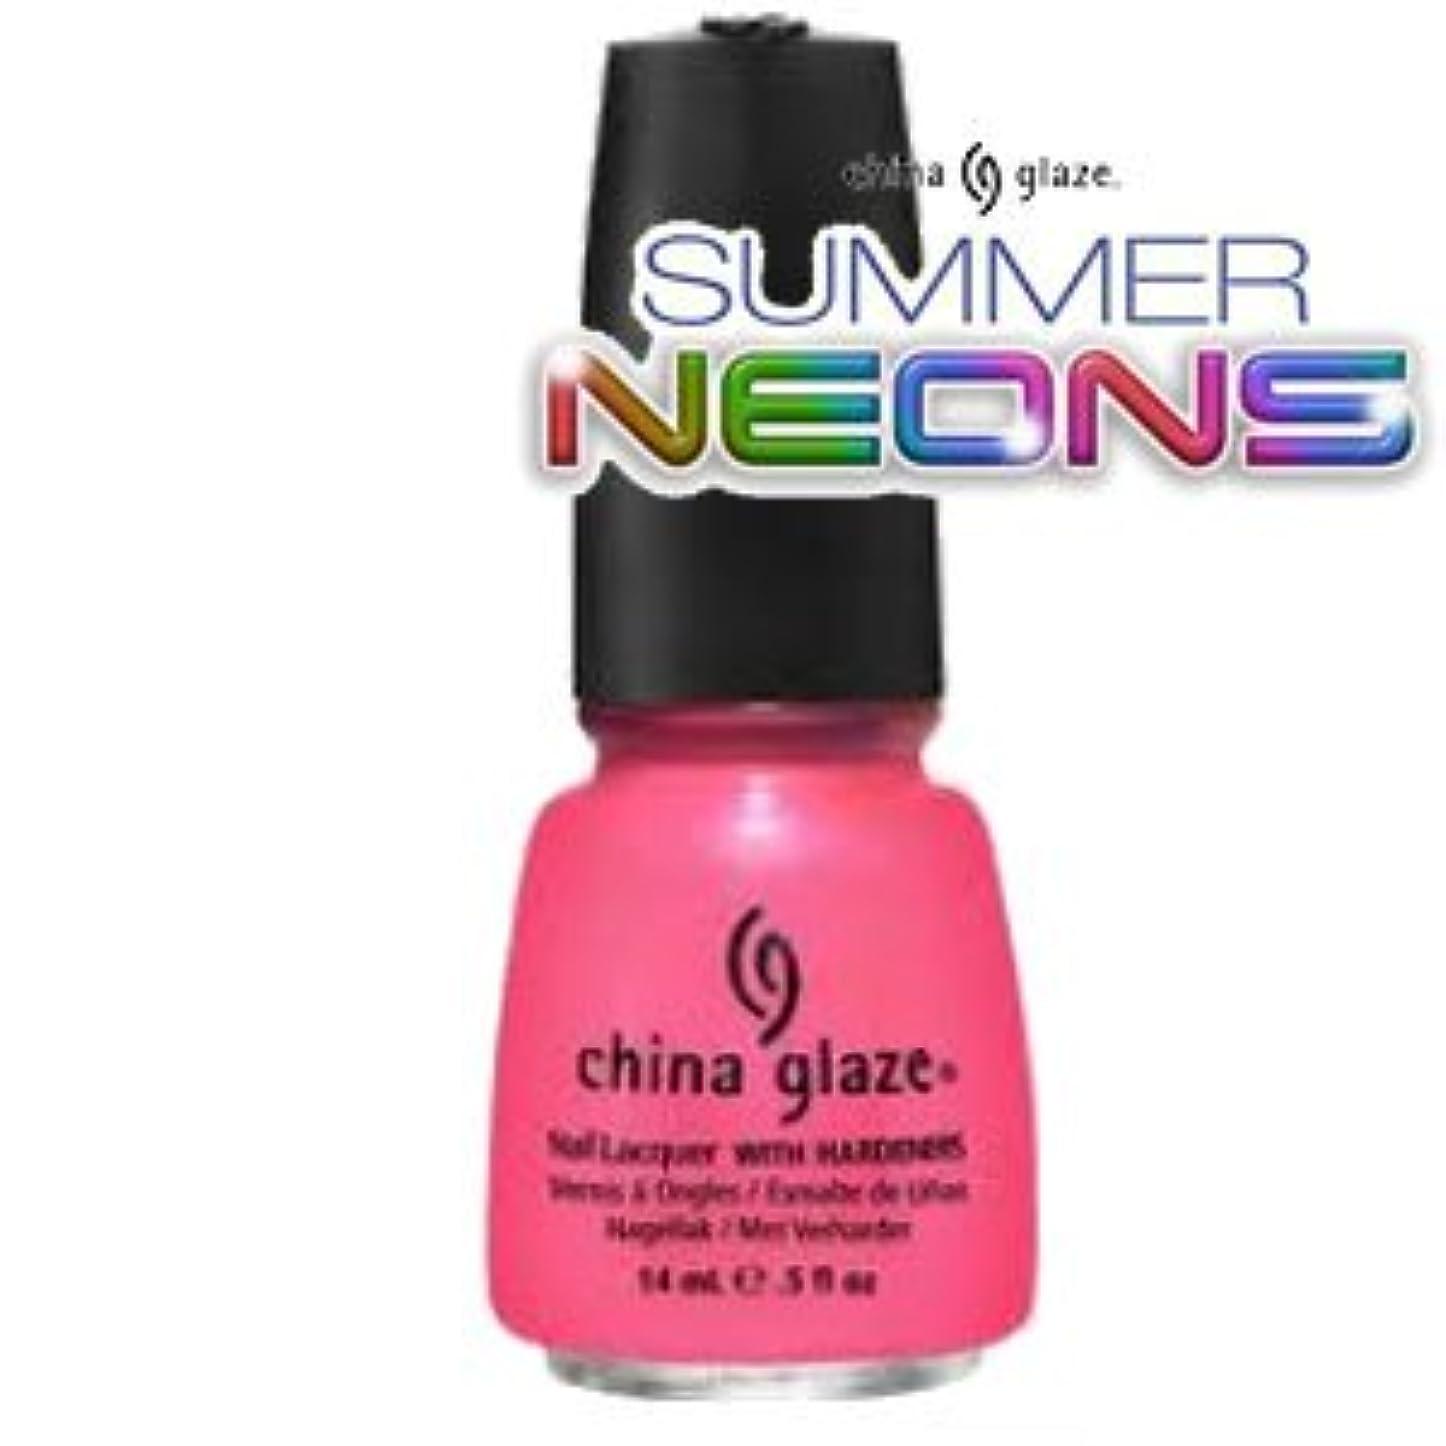 物理学者法律により図(チャイナグレイズ)China Glaze Pink Plumeriaーサマーネオン コレクション [海外直送品][並行輸入品]